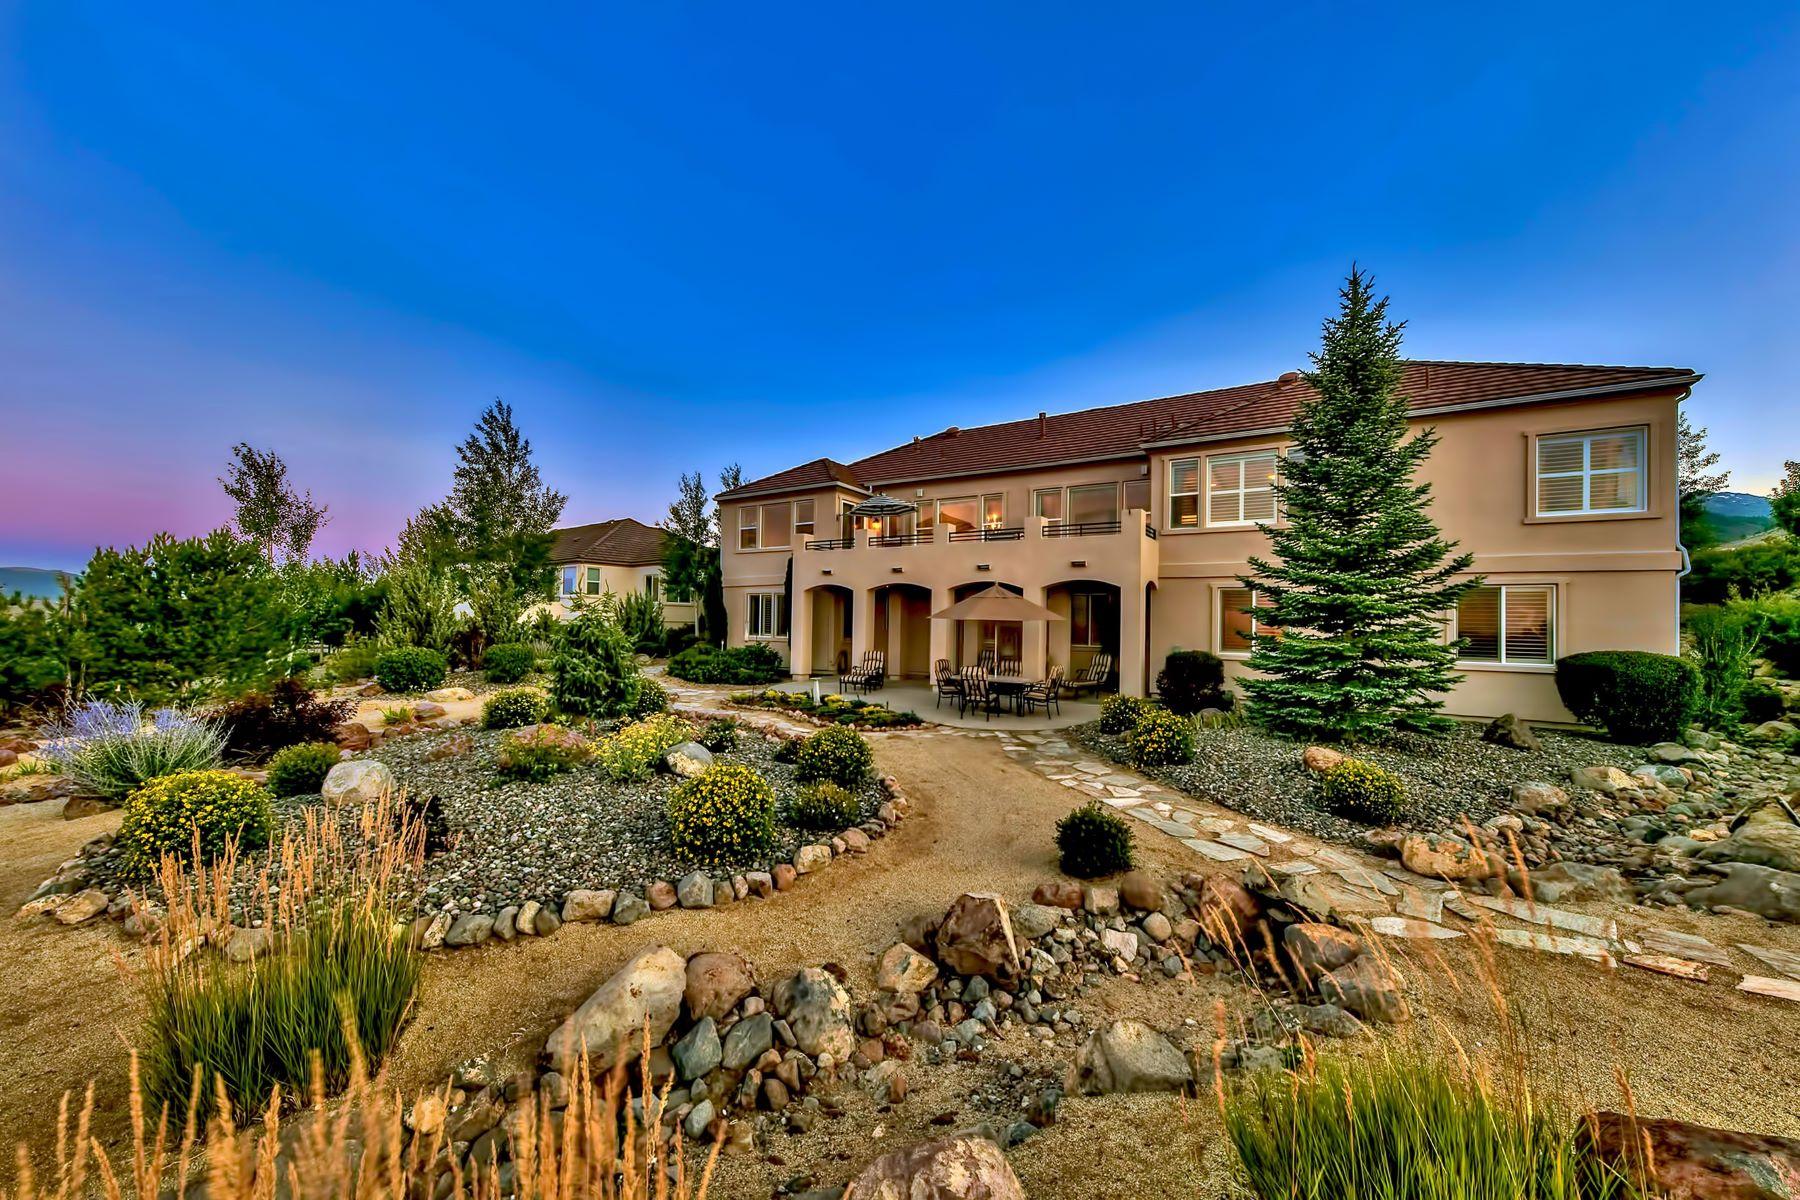 Additional photo for property listing at 5900 Cour Saint Michelle, Reno, Nevada 5900 Cour Saint Michelle Reno, Nevada 89511 Estados Unidos